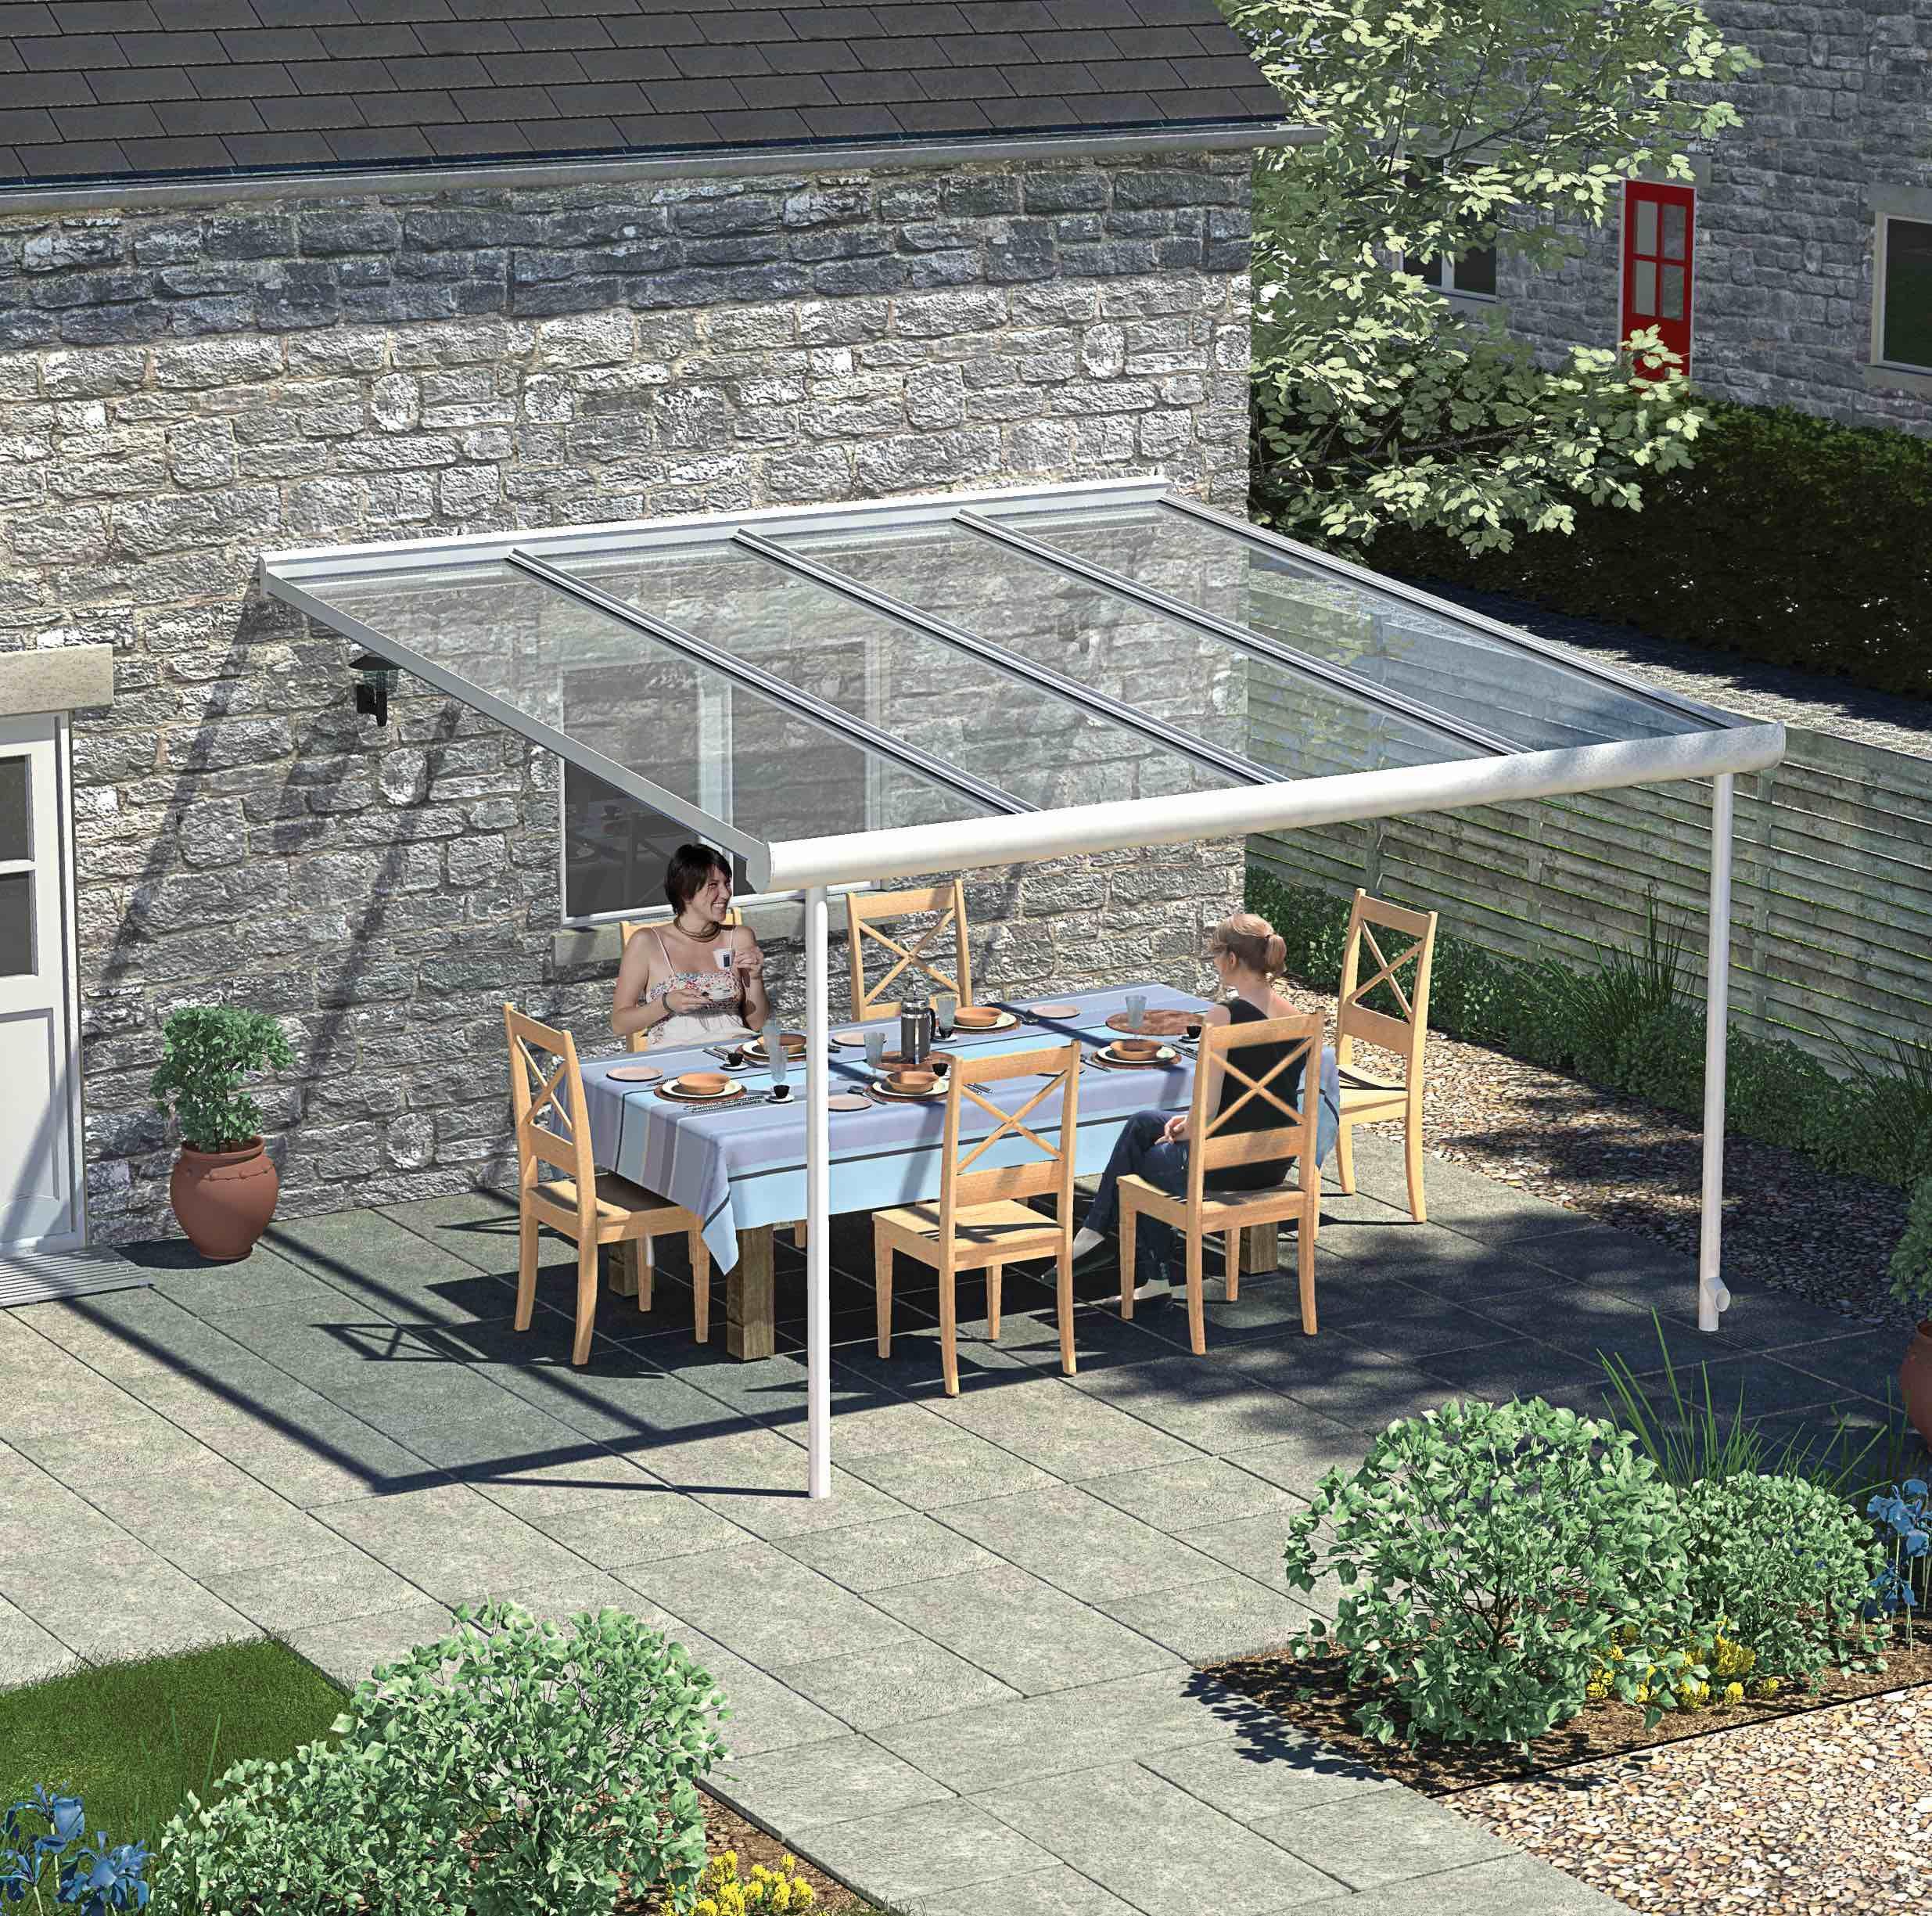 Get up to 25 off Carports & Verandas Canopy outdoor